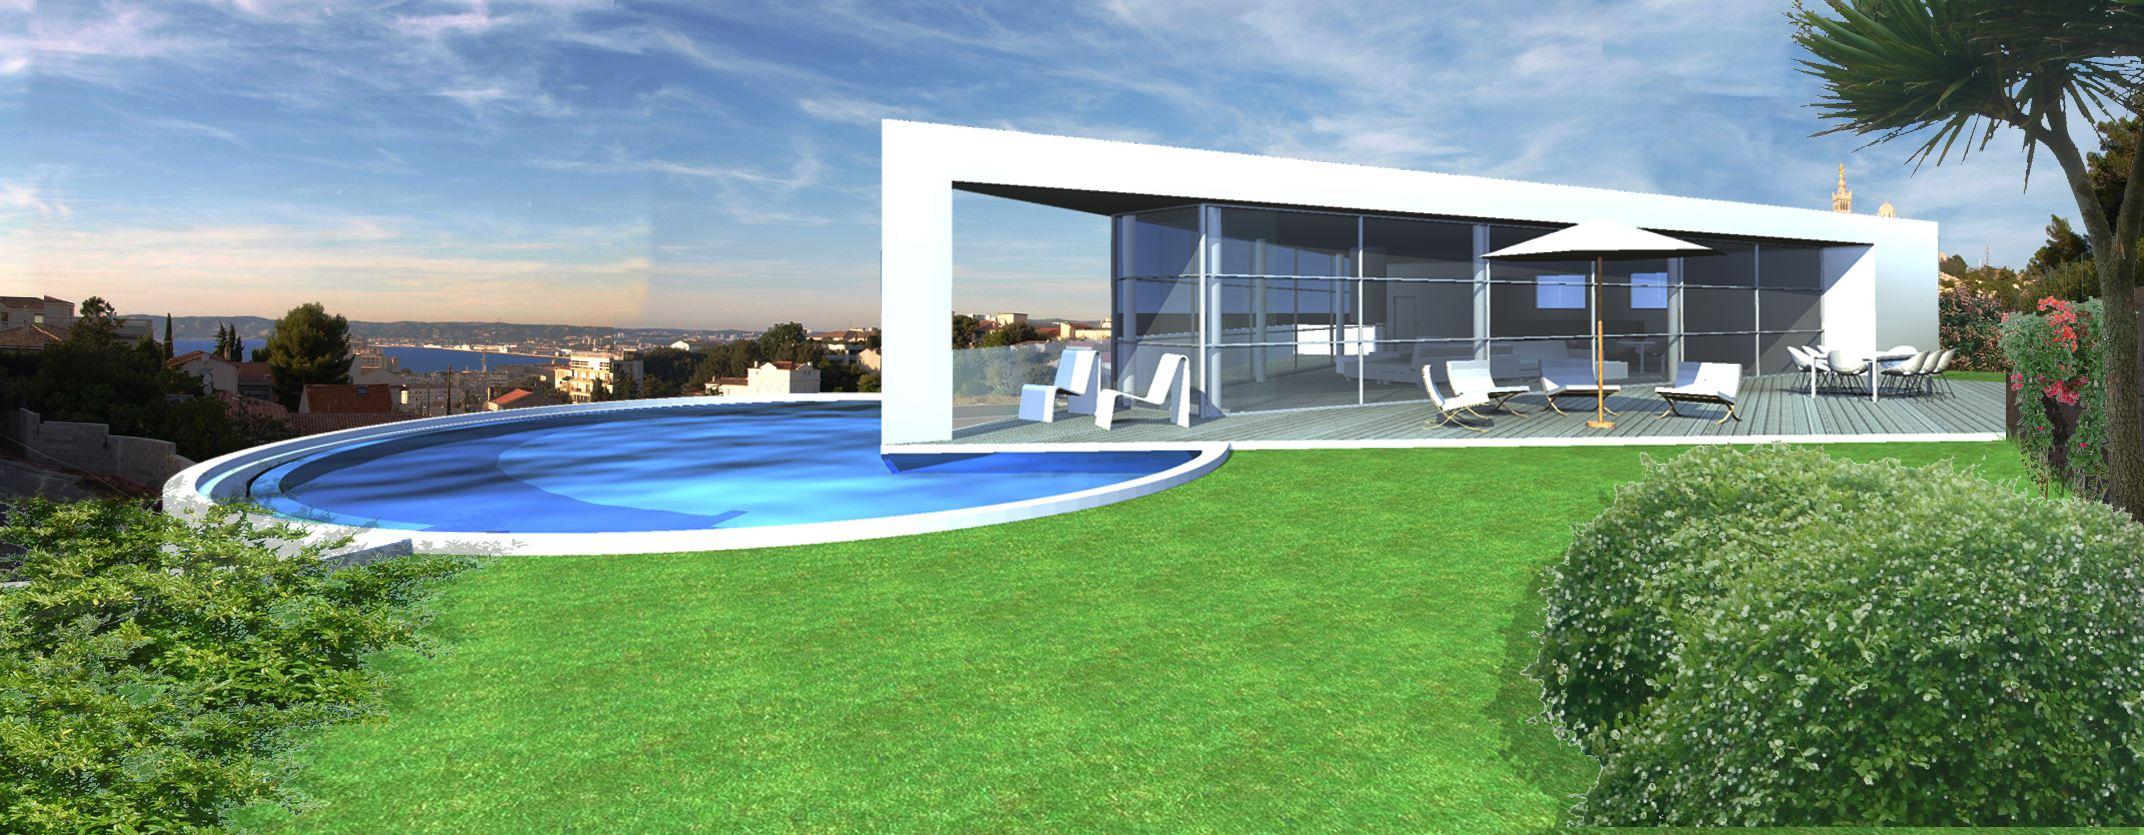 土地 为 销售 在 Land 马赛, 普罗旺斯阿尔卑斯蓝色海岸, 13007 法国